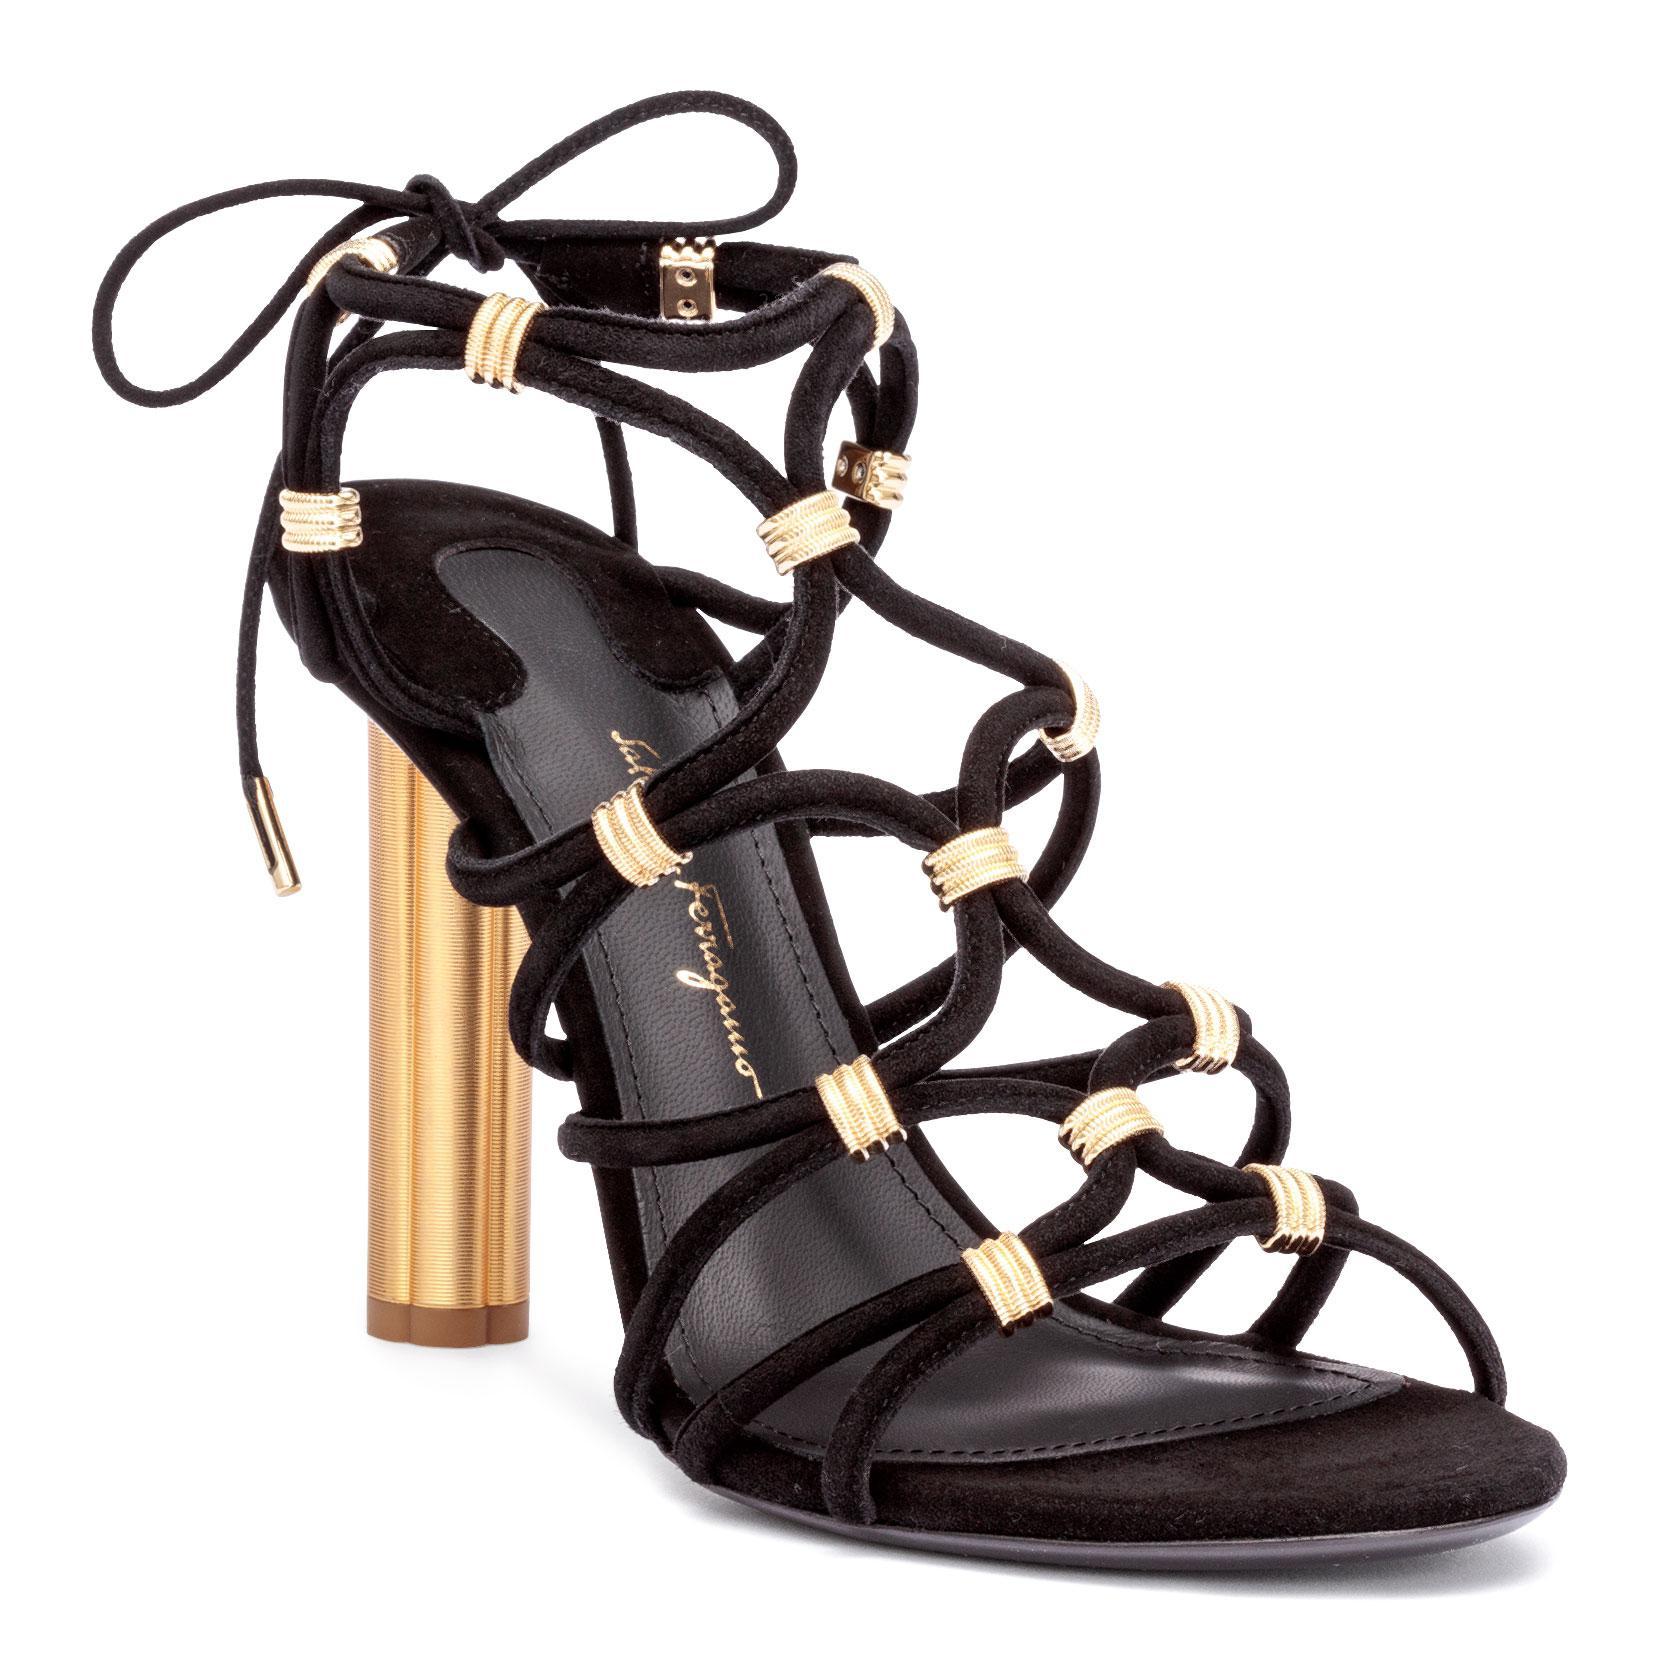 Fiuggi 105 black suede sandals Salvatore Ferragamo For Sale Discount Sale g3rMByxI7e